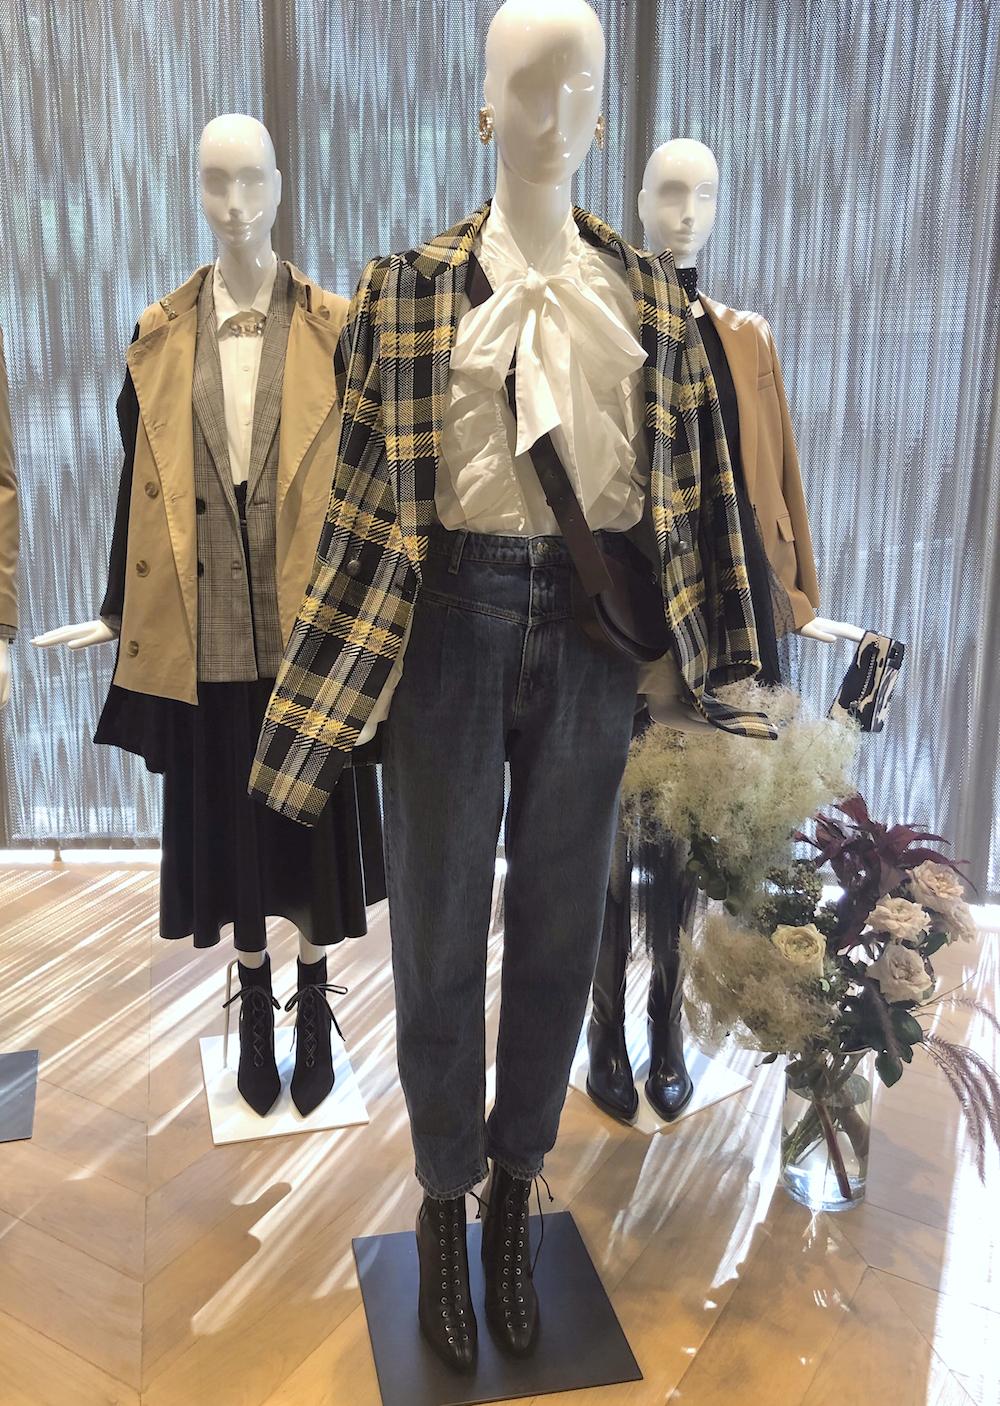 『ZARA』の秋冬はロマンティック&スパイシー☆ 展示会で見つけたバッグやアクセ、シューズに大注目!_1